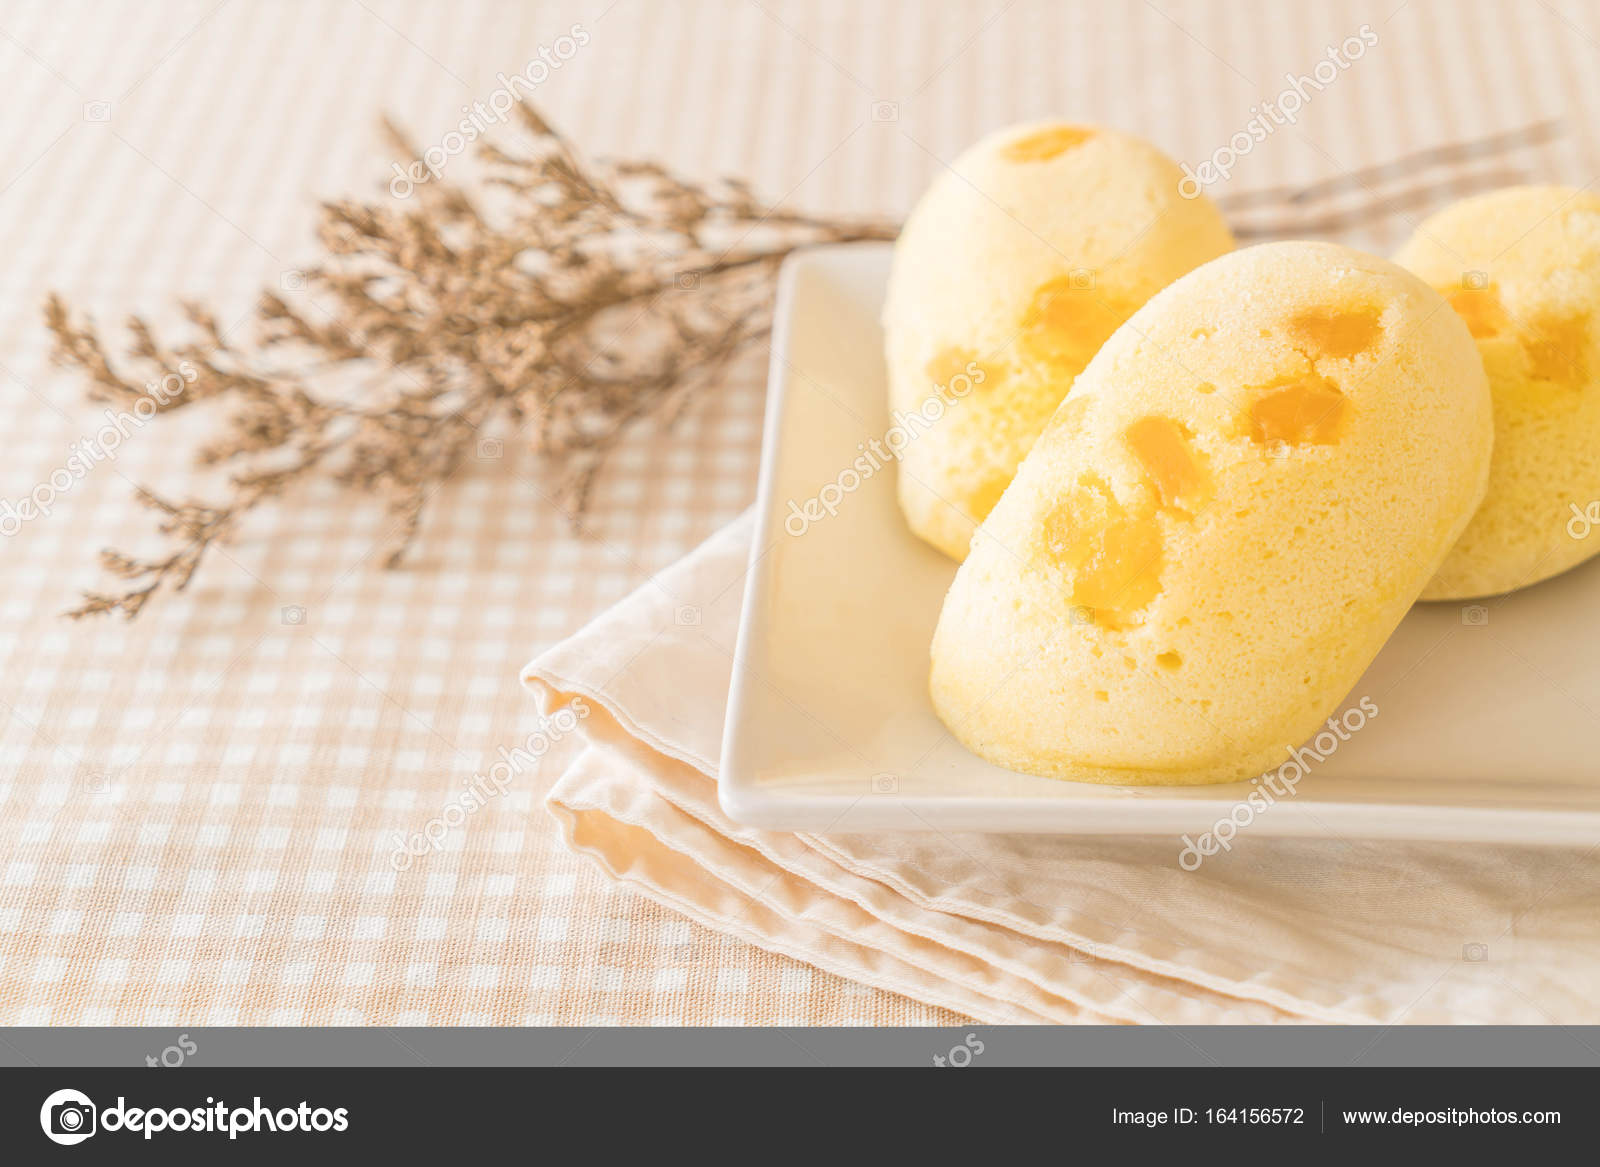 Mango Weich Kuchen Auf Holz U2014 Stockfoto